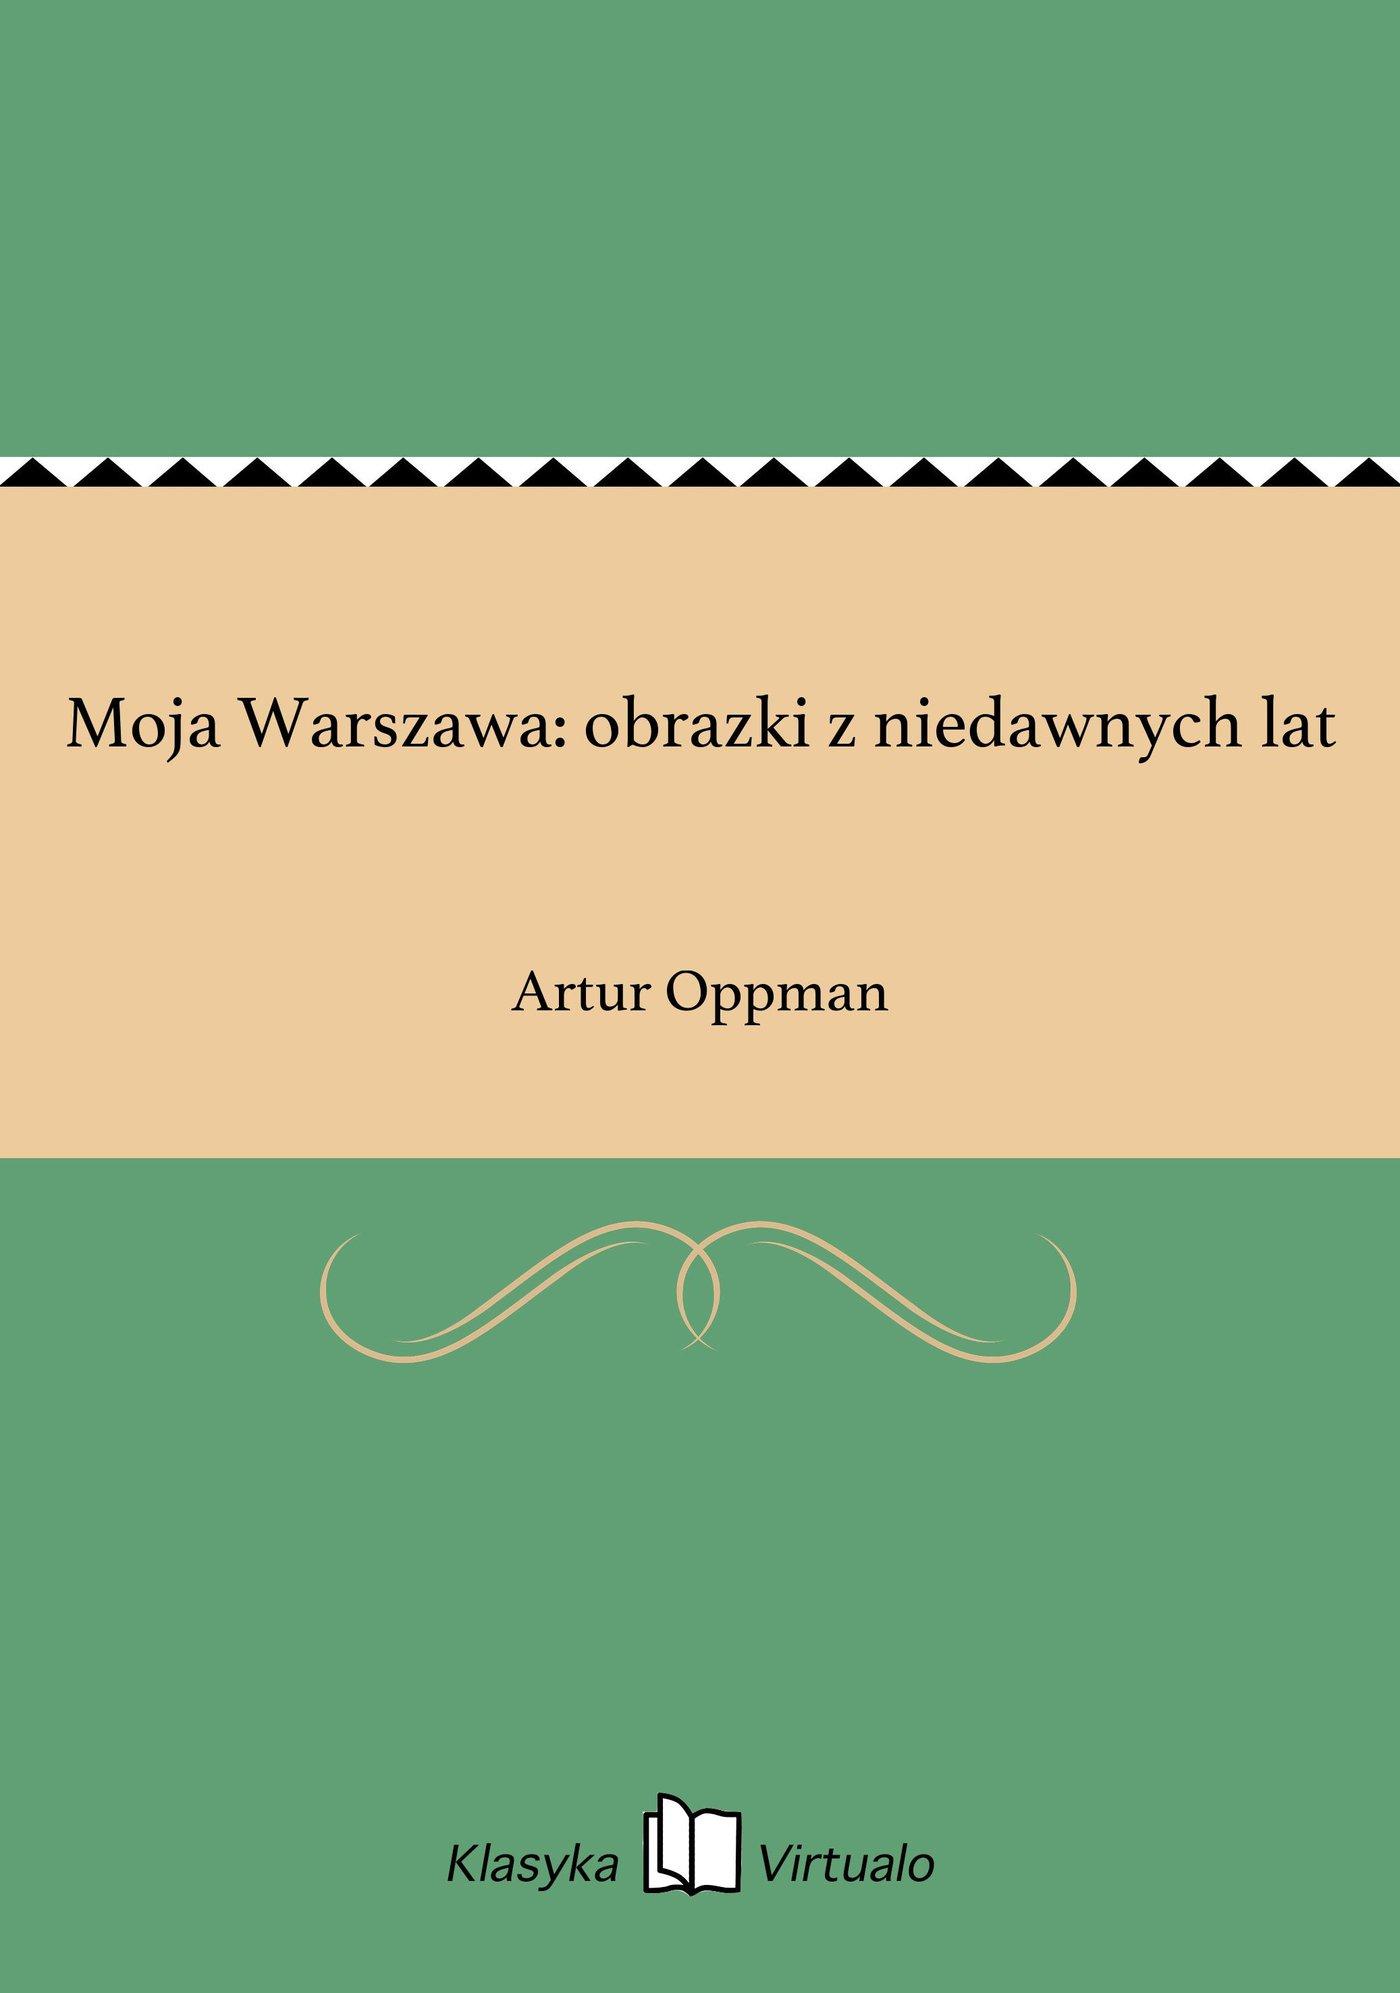 Moja Warszawa: obrazki z niedawnych lat - Ebook (Książka EPUB) do pobrania w formacie EPUB